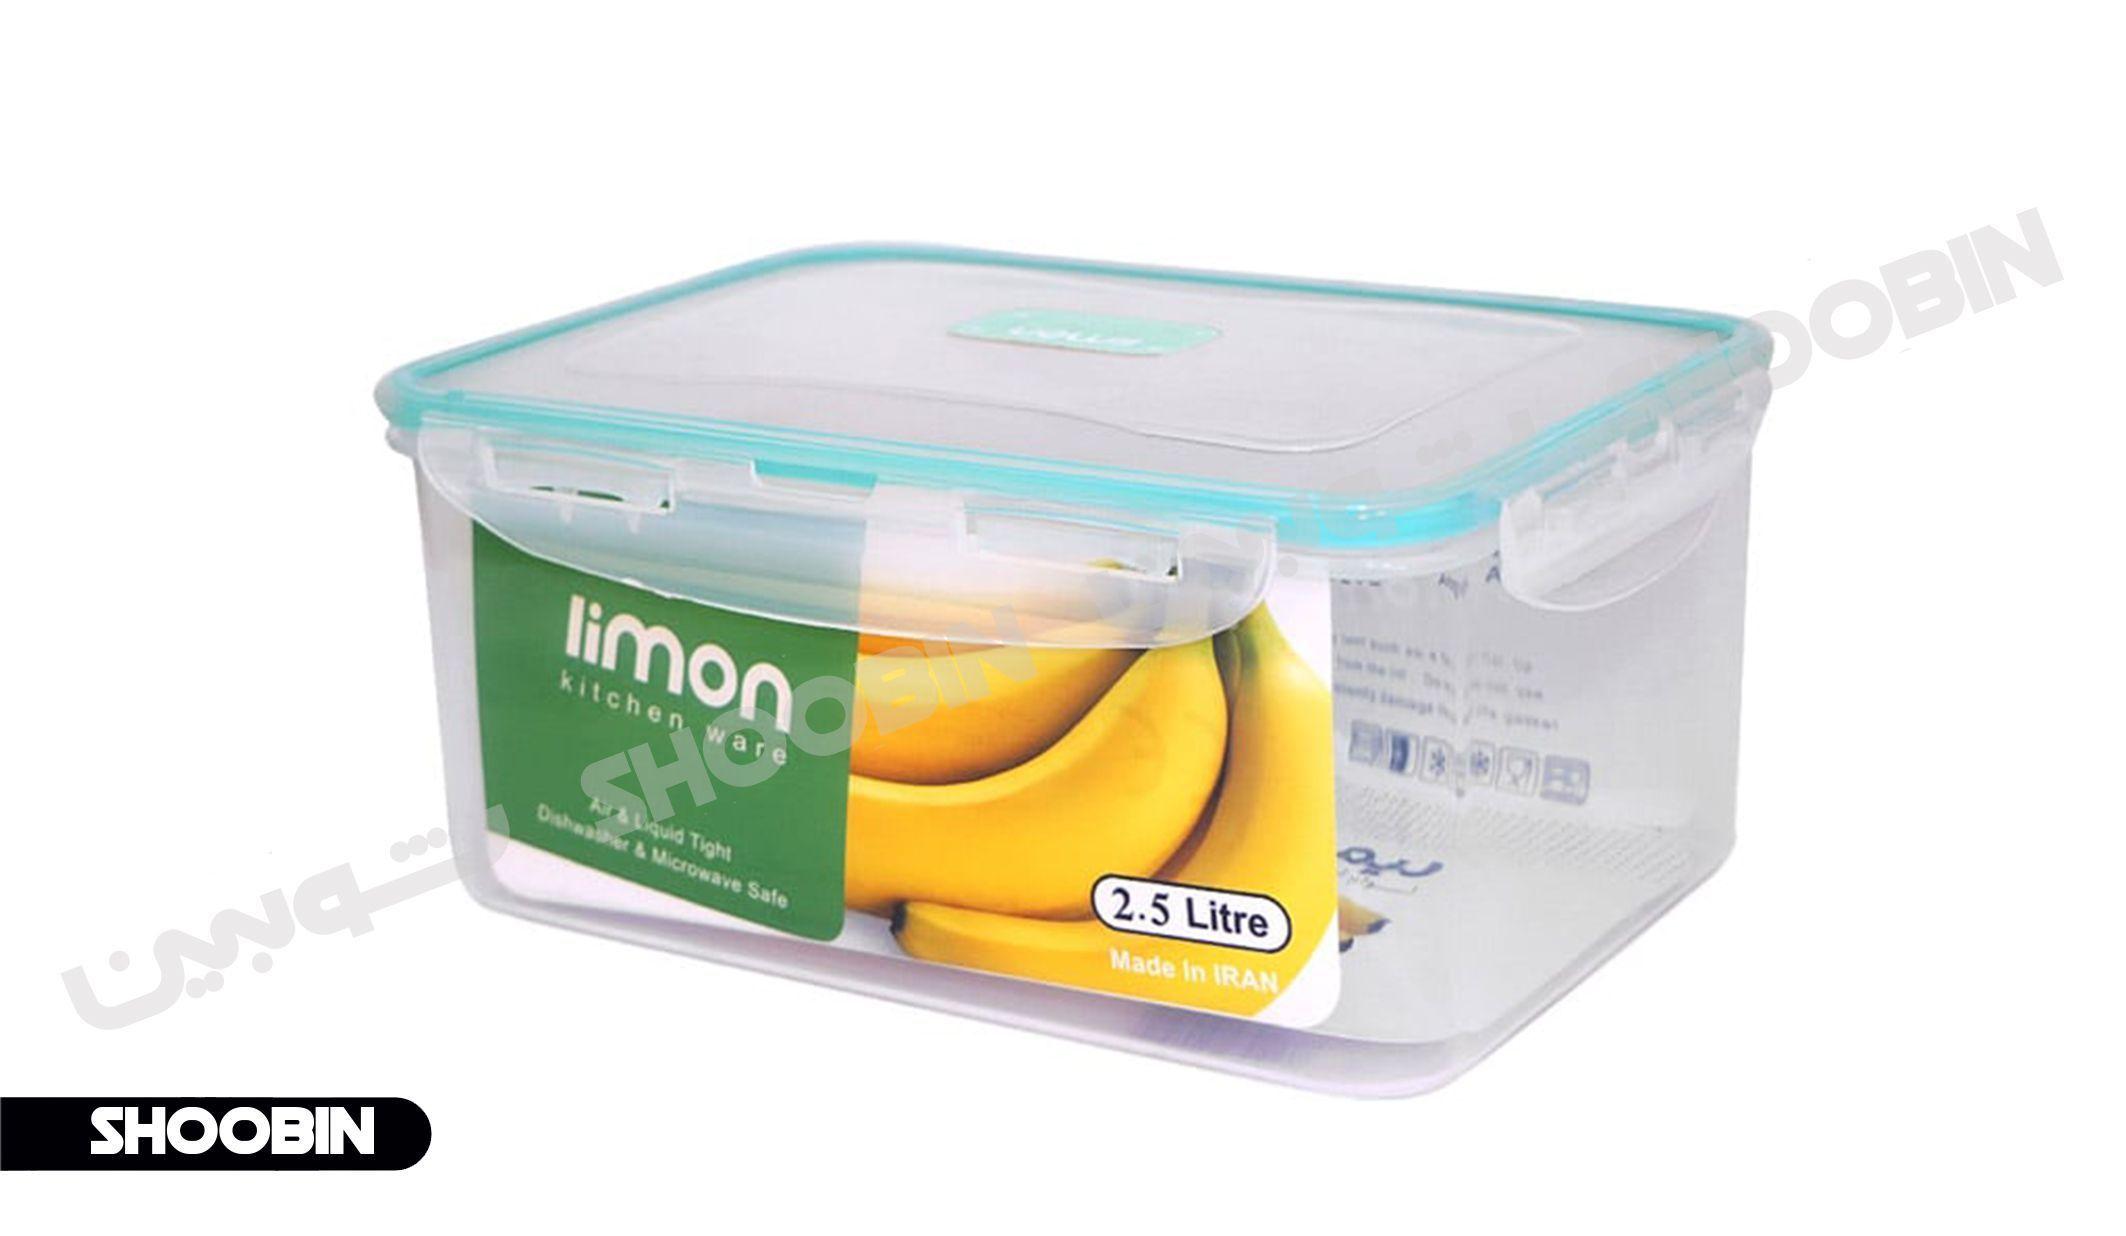 ظرف فریزری لیمون 2.5 لیتری کد ۱۱۶